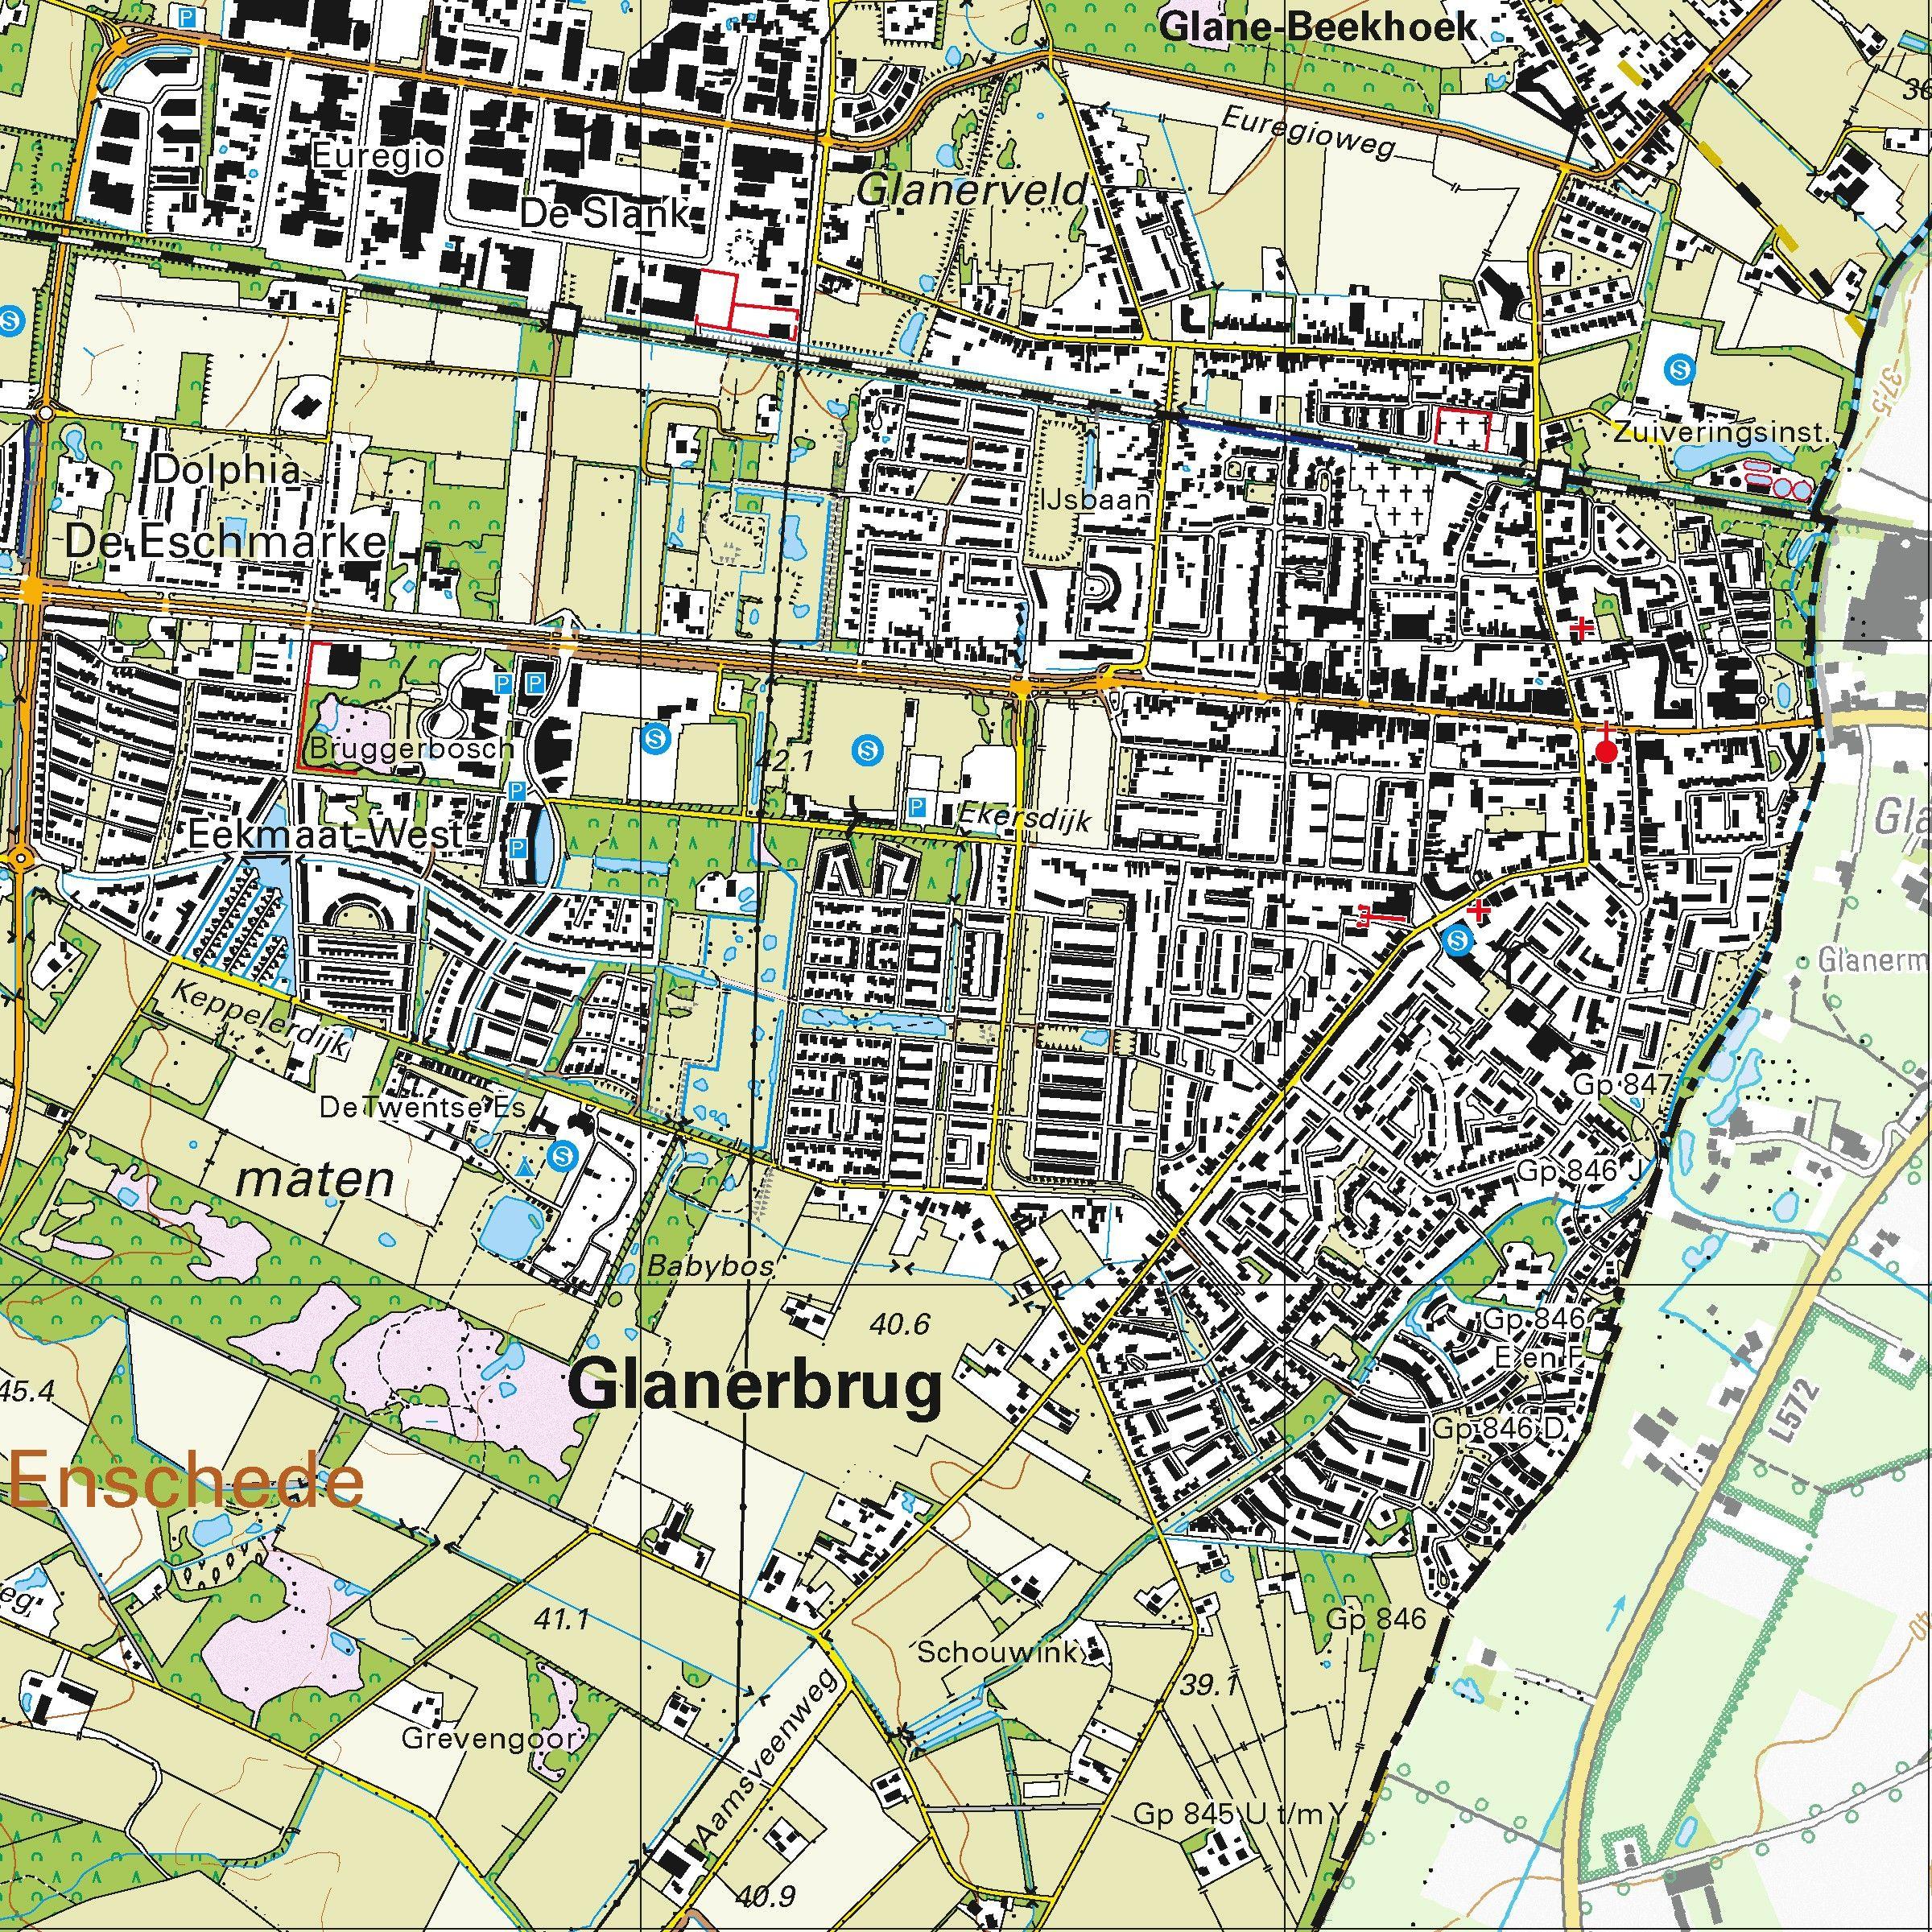 Topografische kaart schaal 1:25.000 (Oldenzaal, Losser, Enschede, Hengelo, Glanerbrug)